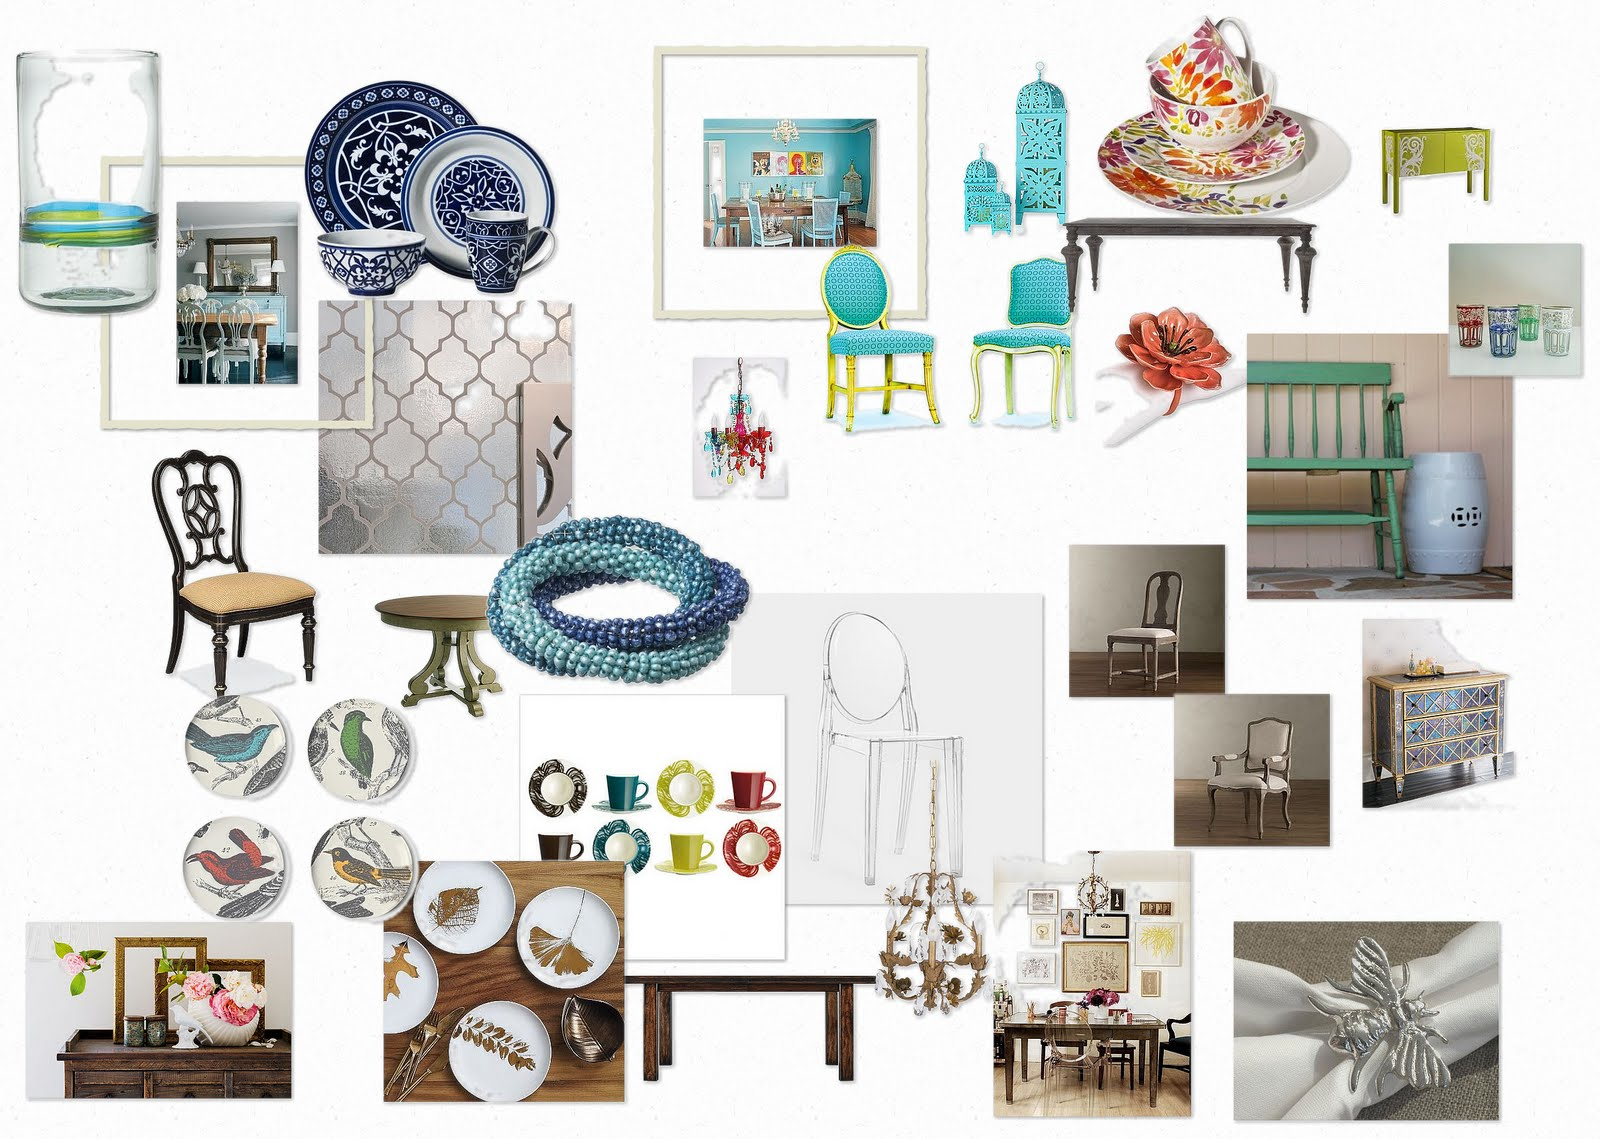 http://2.bp.blogspot.com/-Ctu3bMrMbHg/TiX8v3DfHDI/AAAAAAAAABI/OoYh4EneQG0/s1600/Eclectic+and+ay+Dining+Room.jpg